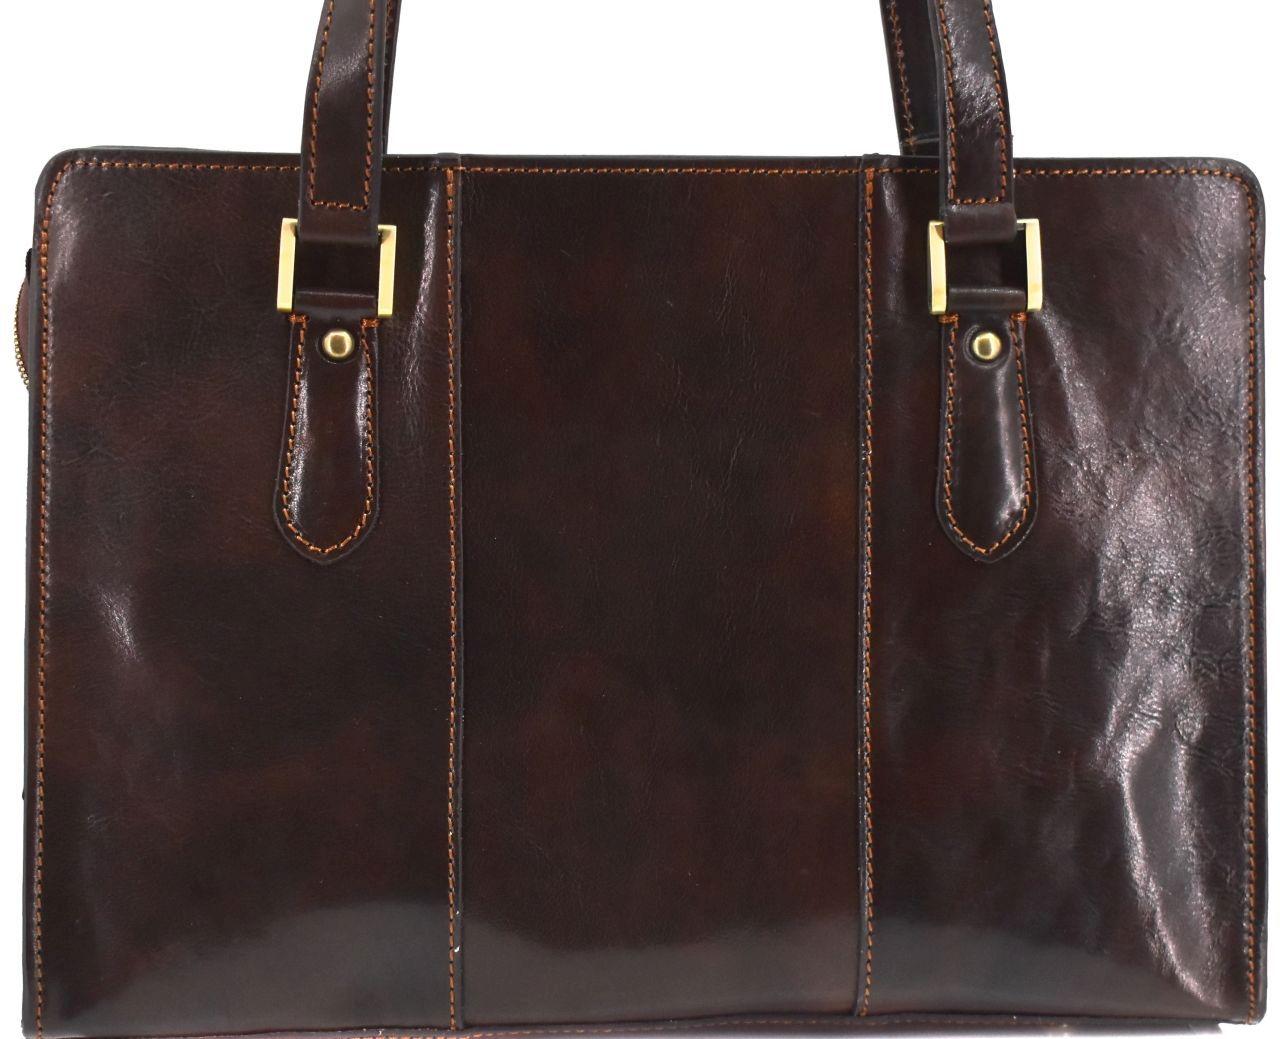 Dámská kožená kabelka Arteddy - tmavě hnědá 33955